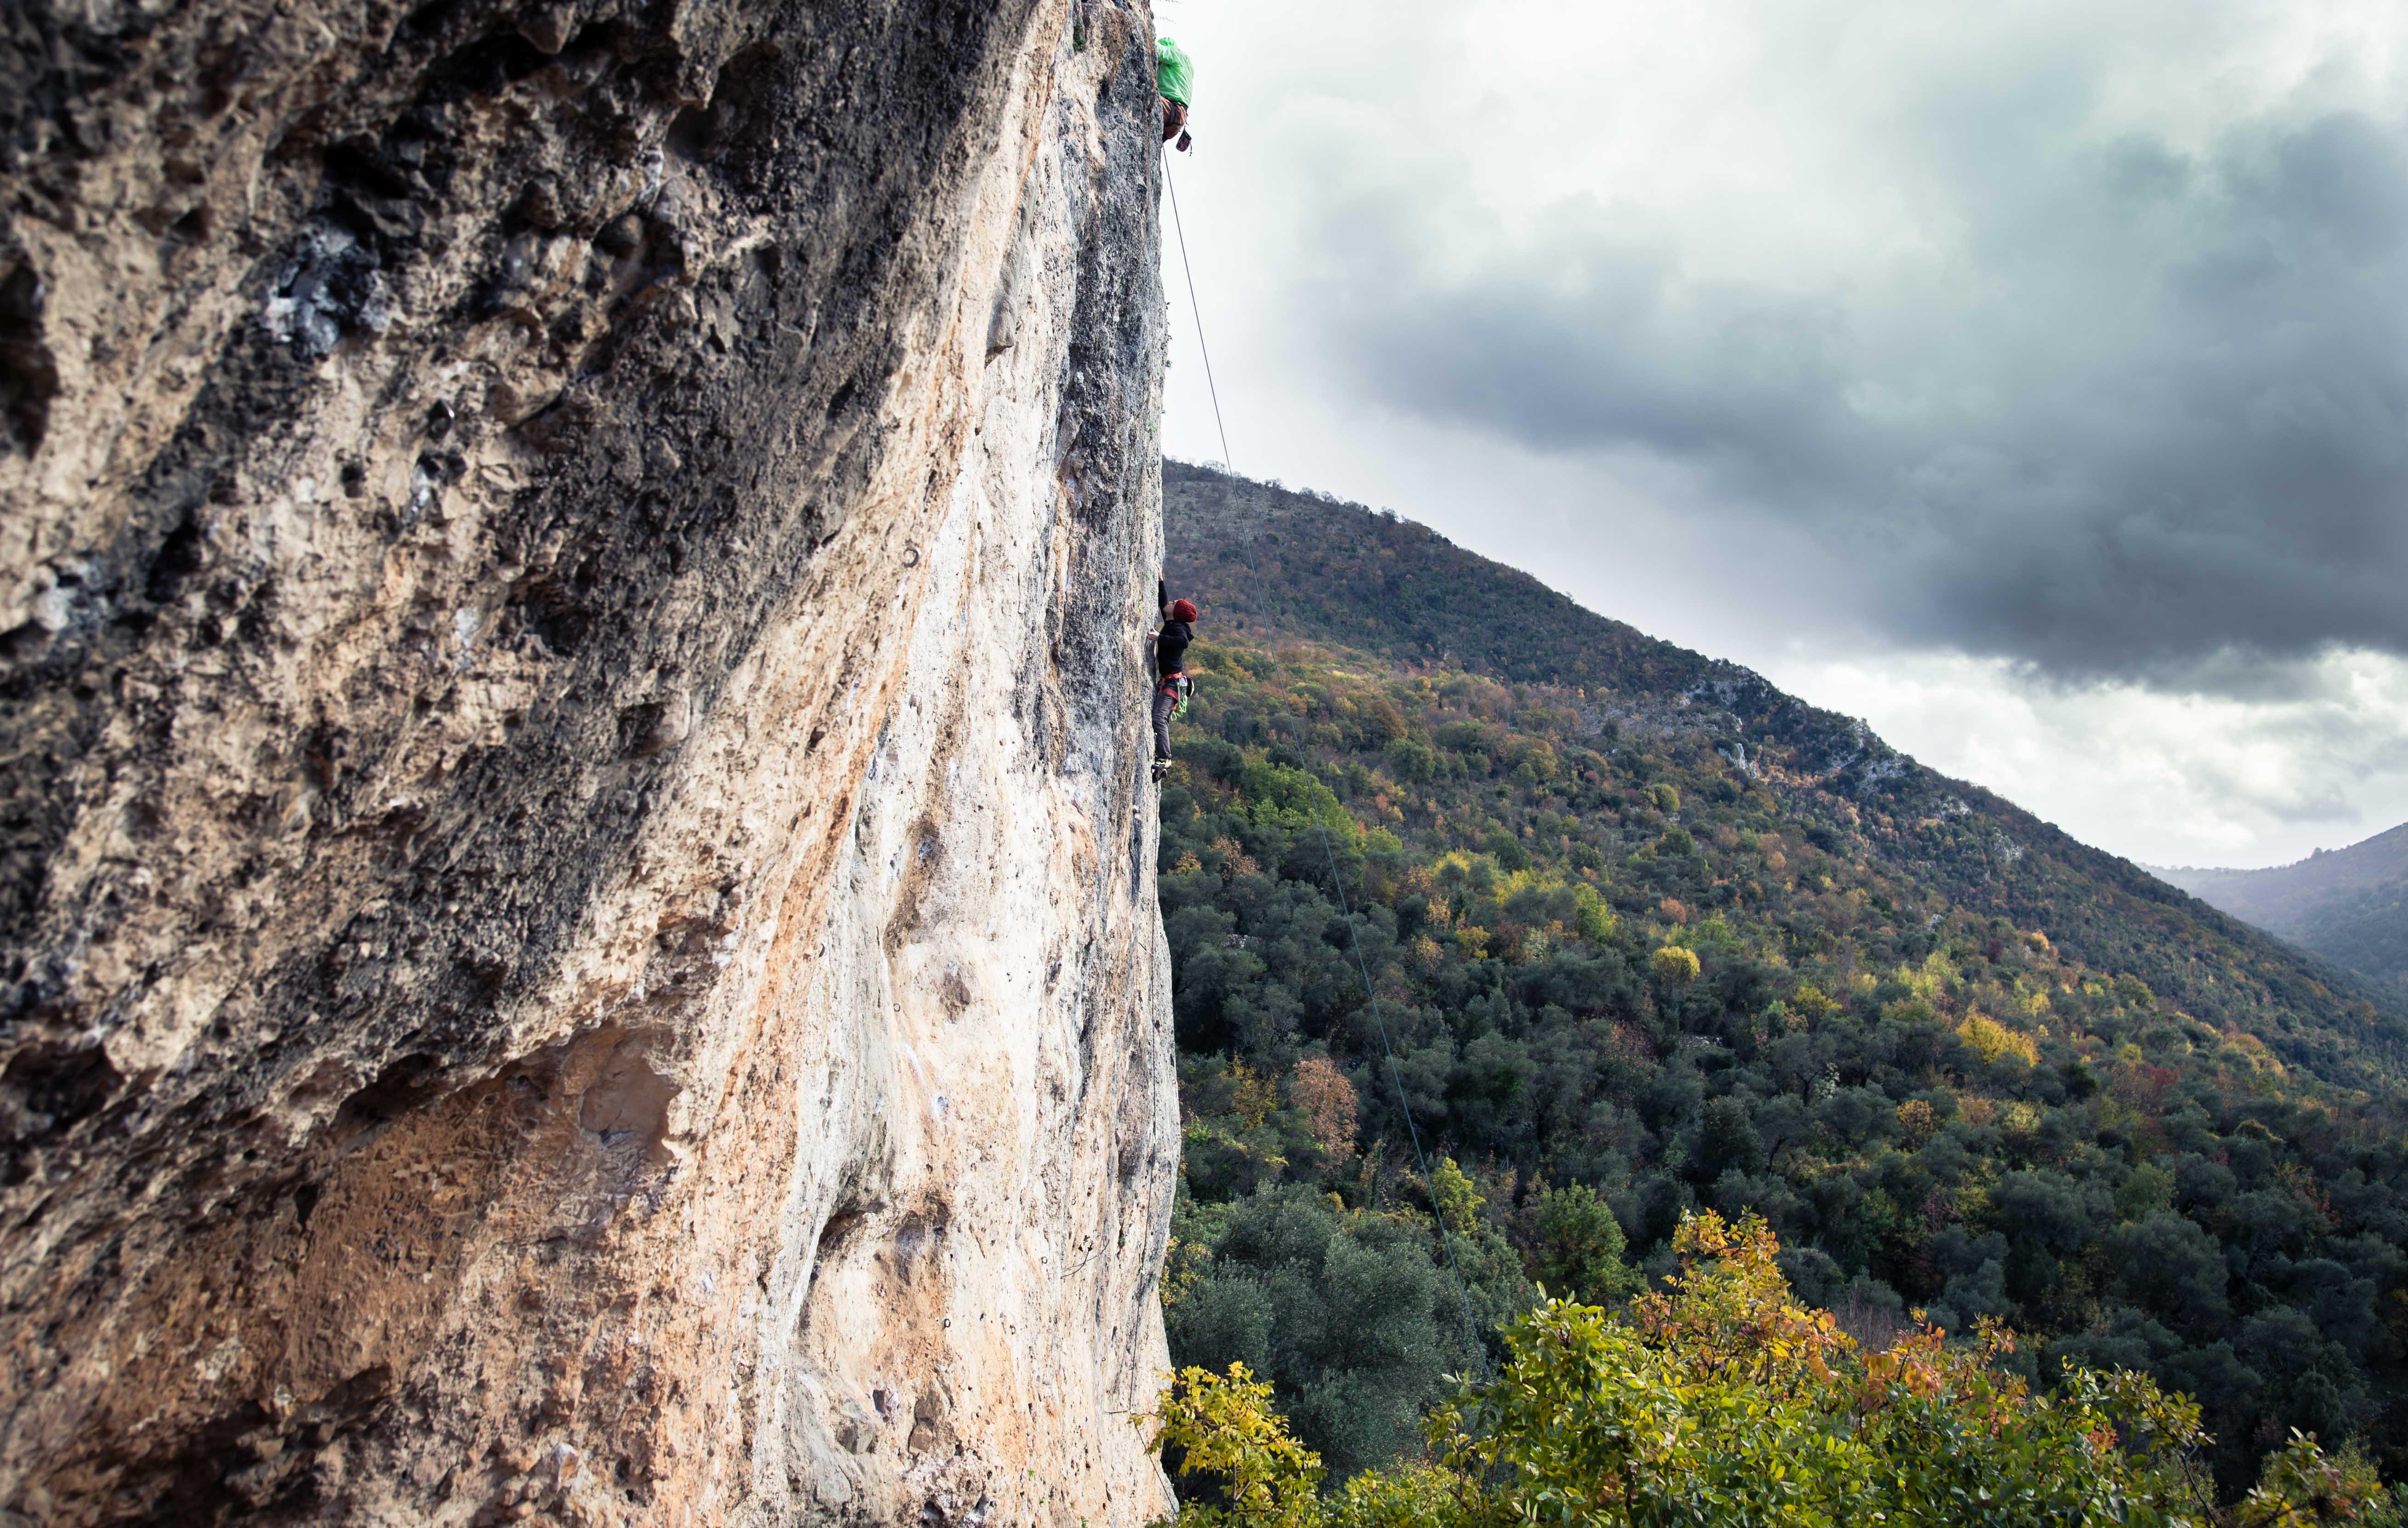 Un progetto di crowdfunding per un nuovo film di arrampicata Made in Italy